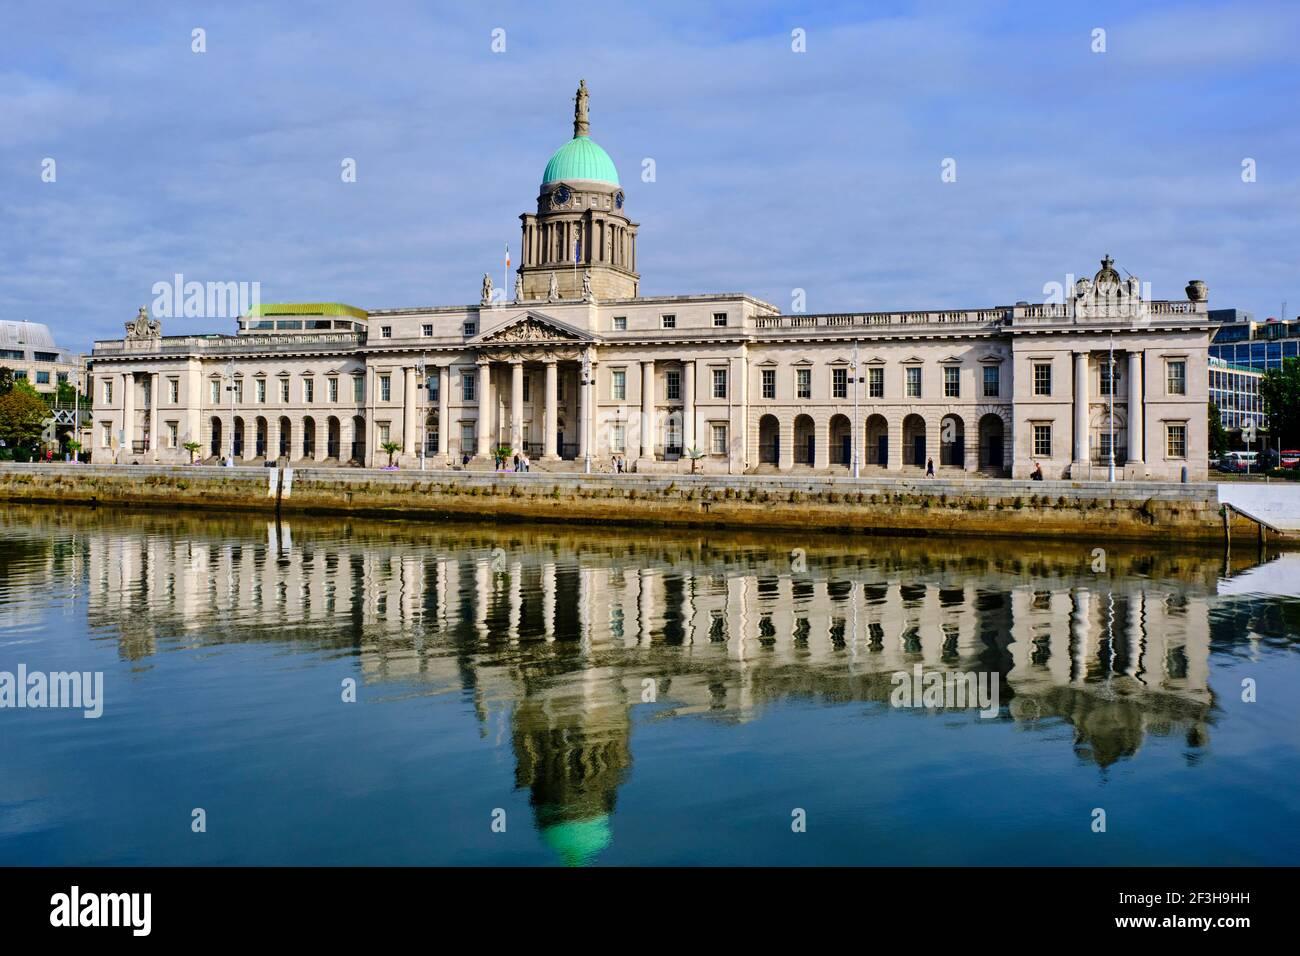 Repubblica d'Irlanda; Dublino, la Custom House, UN edificio neoclassico del XVIII secolo progettato da James Gandon Foto Stock